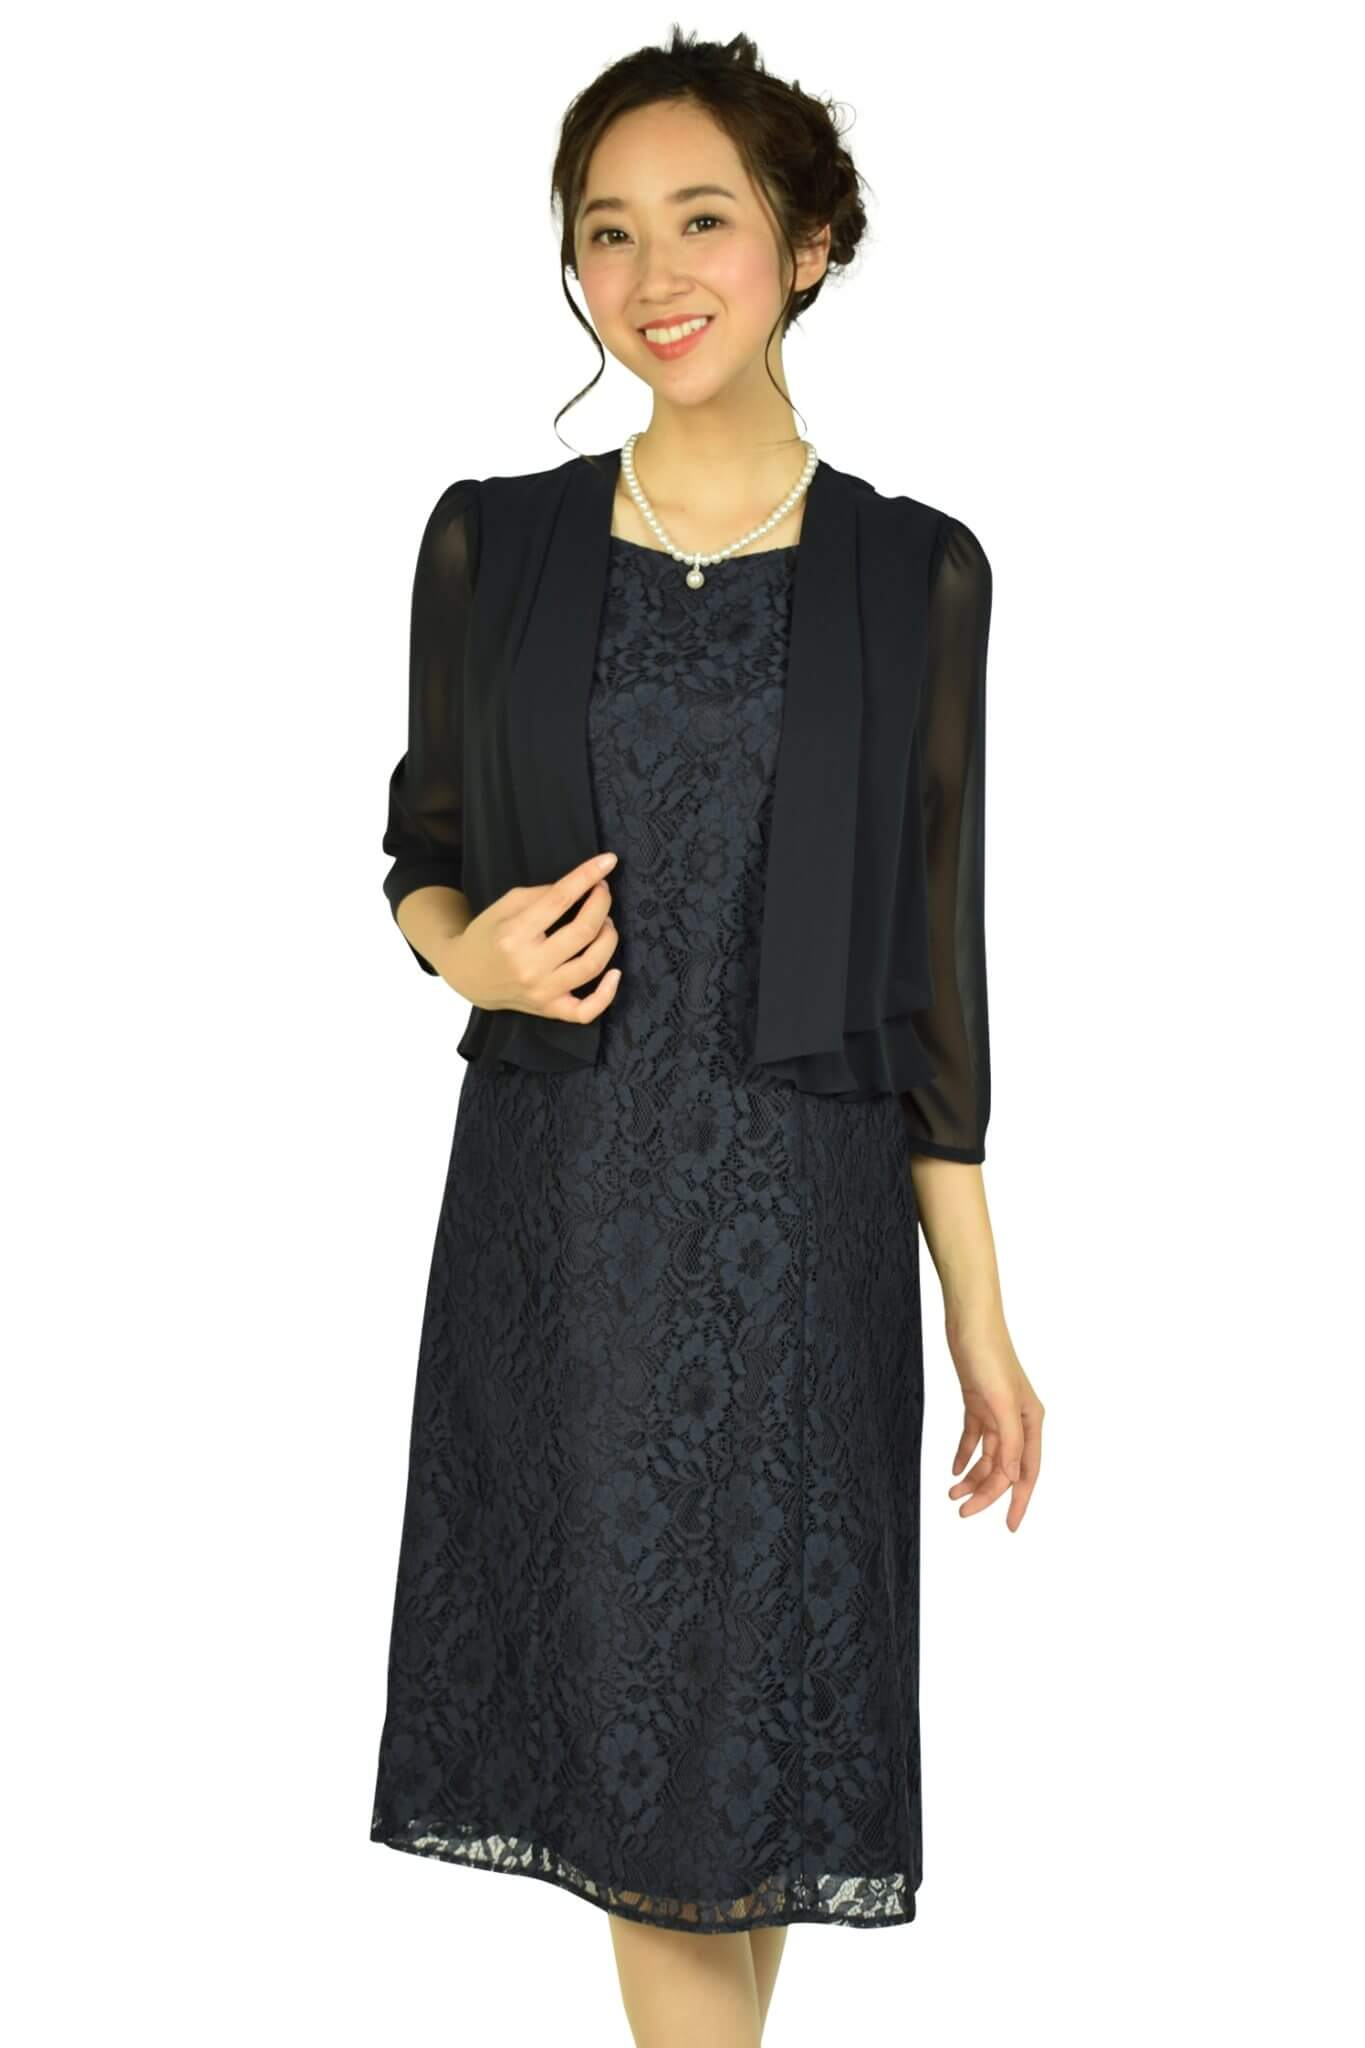 ドレス デコ (DRESS DECO)ジャケットドッキングネイビードレス